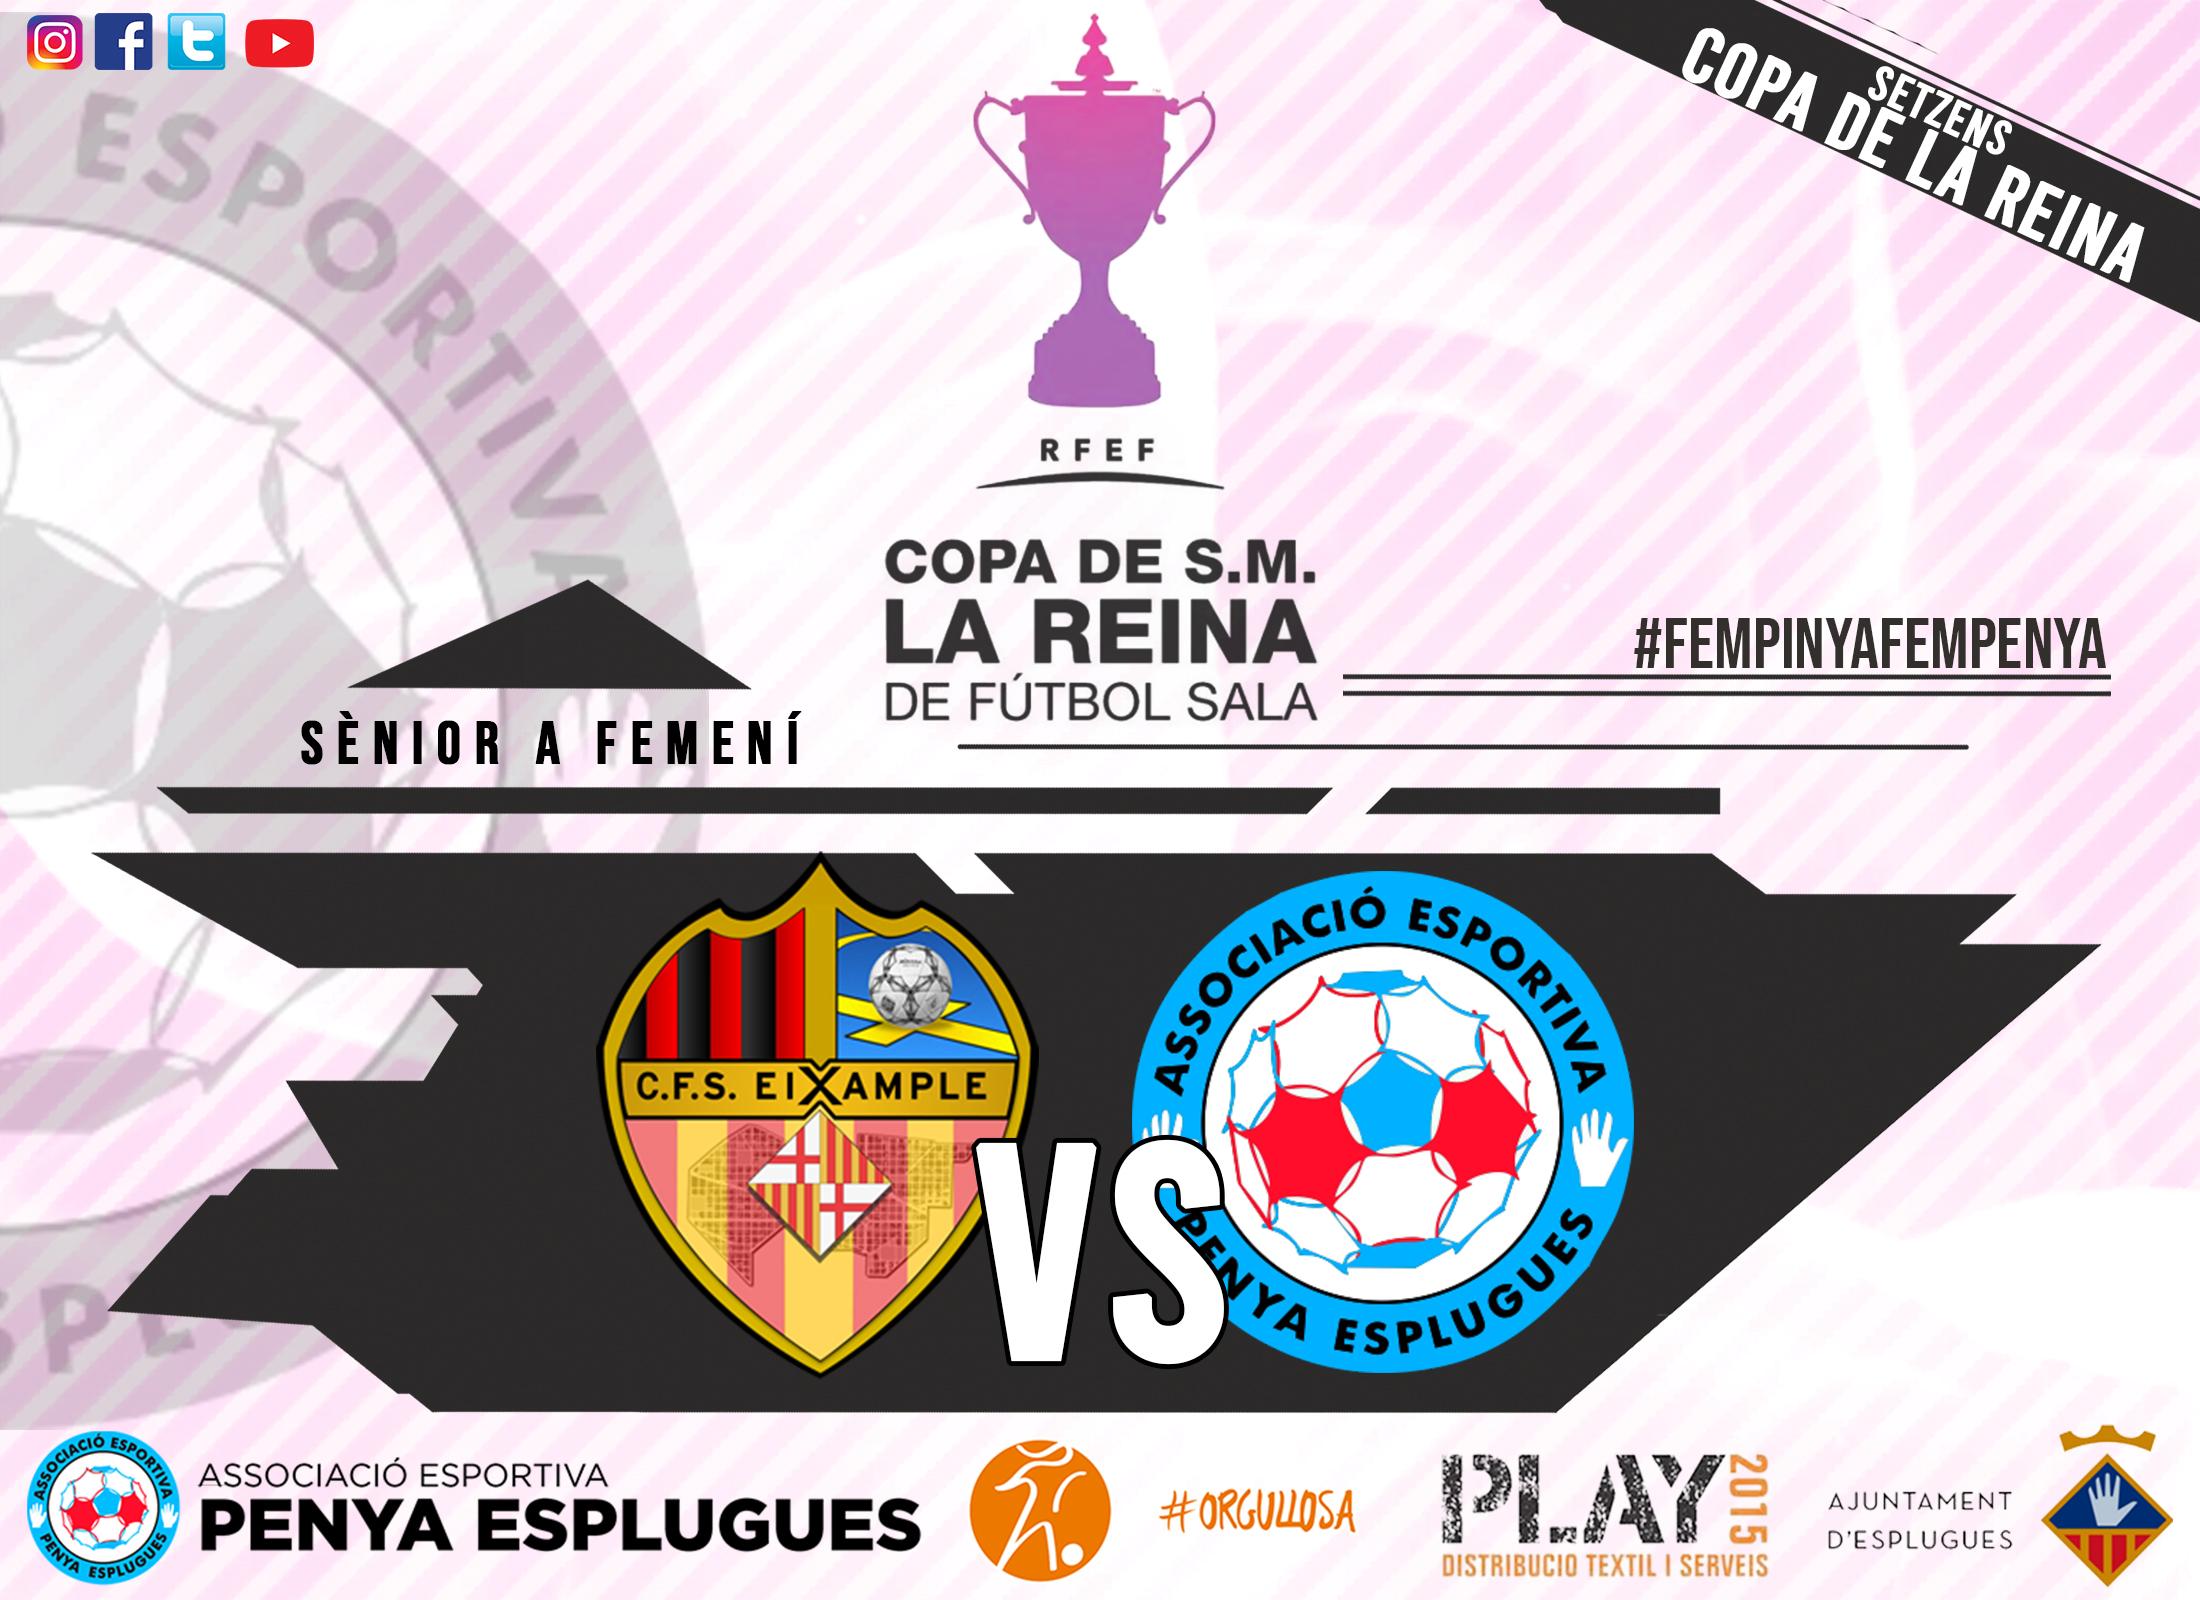 L'Eixample, Rival De La Penya Esplugues A La Copa De La Reina || El Eixample, Rival De La Penya Esplugues En La Copa De La Reina